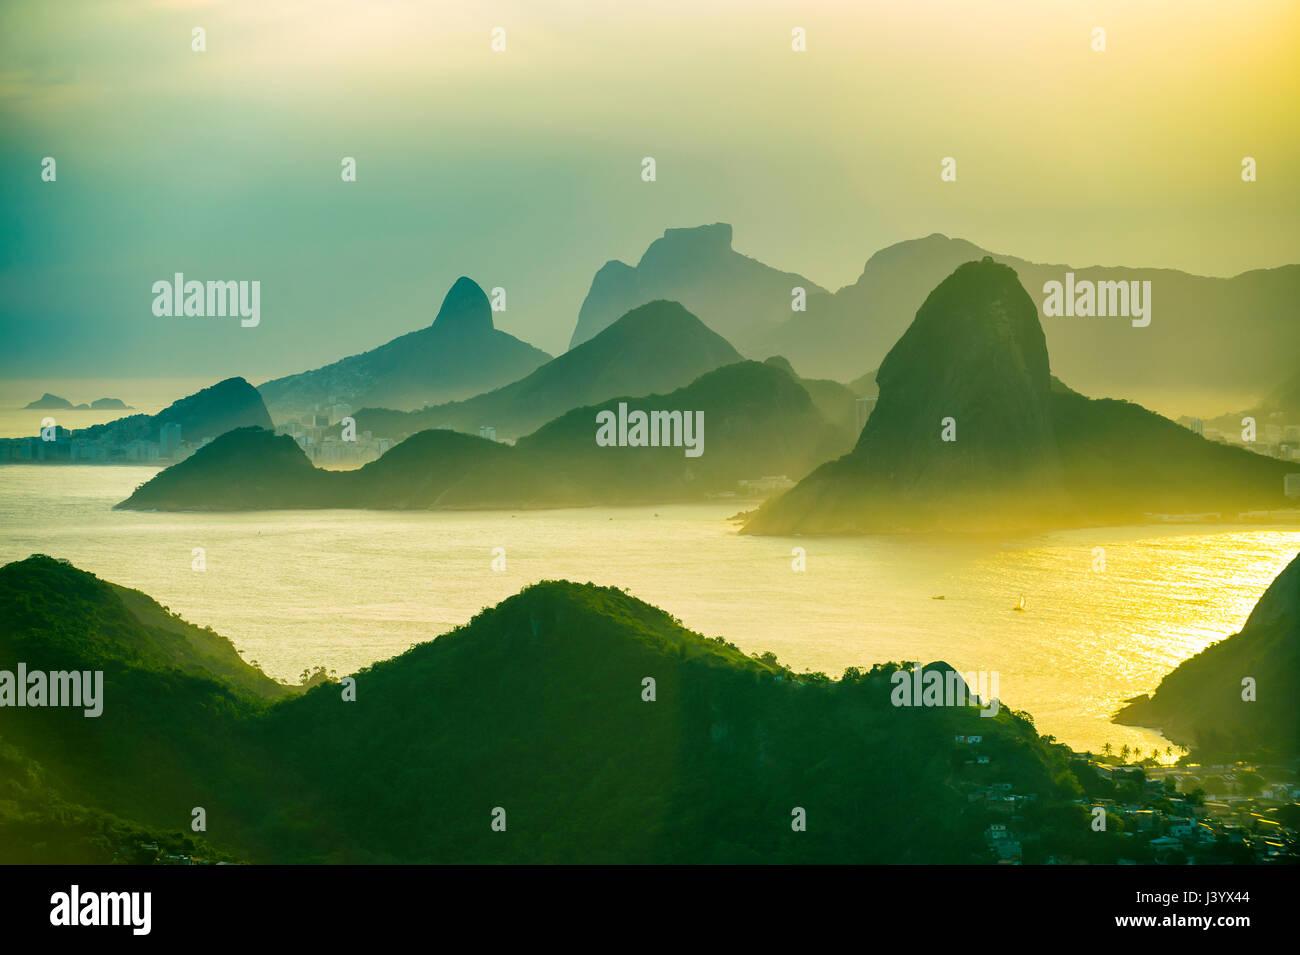 Golden sunset vue panoramique sur les montagnes de l'horizon de Rio de Janeiro, Brésil avec baie de Guanabara Photo Stock